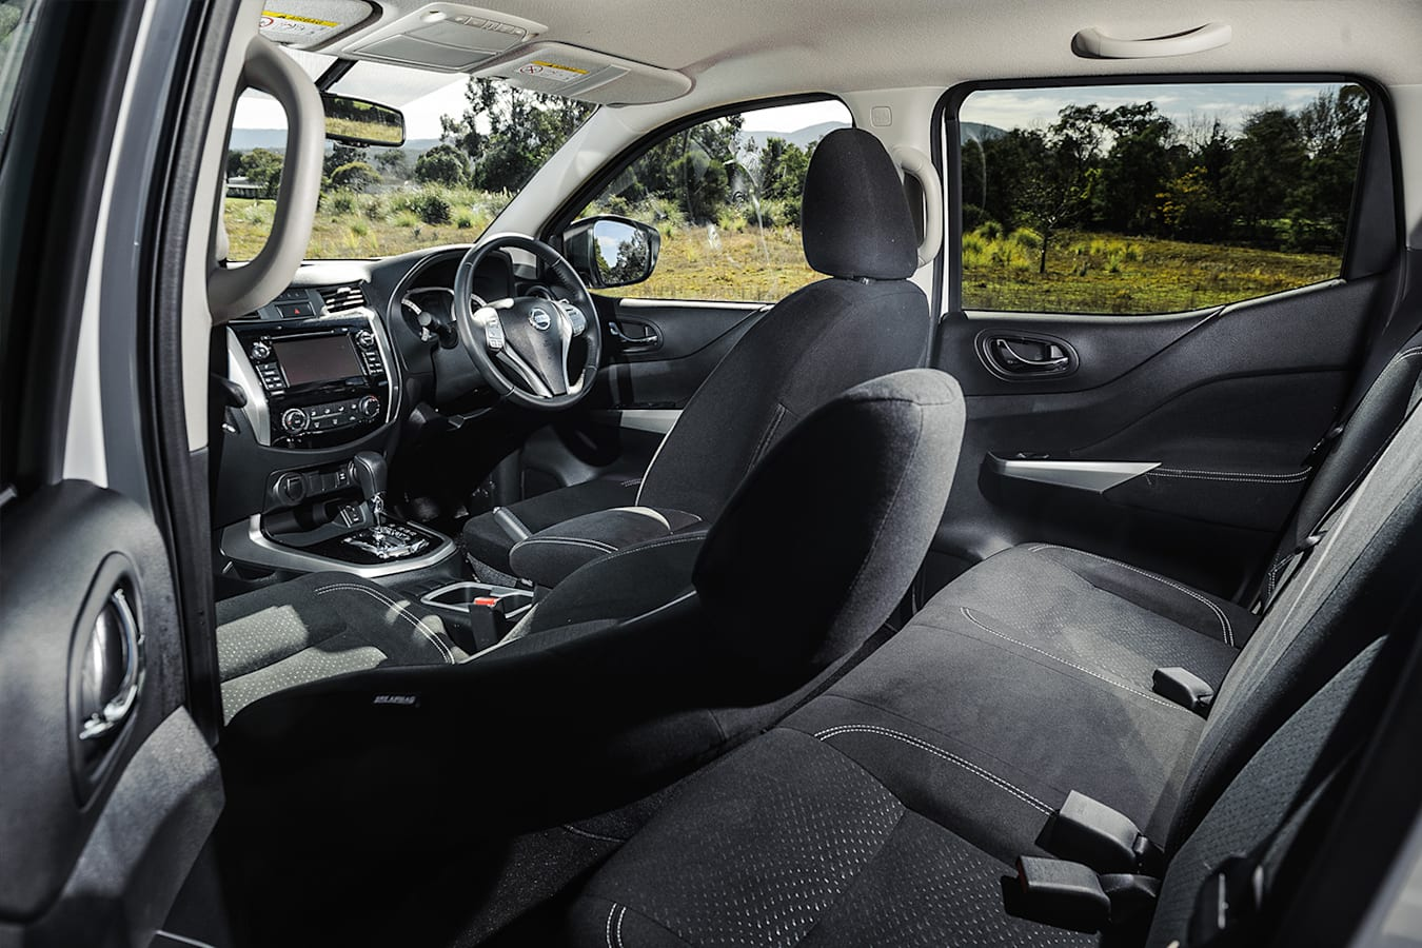 Nissan Navara Dual Cab Interior Jpg